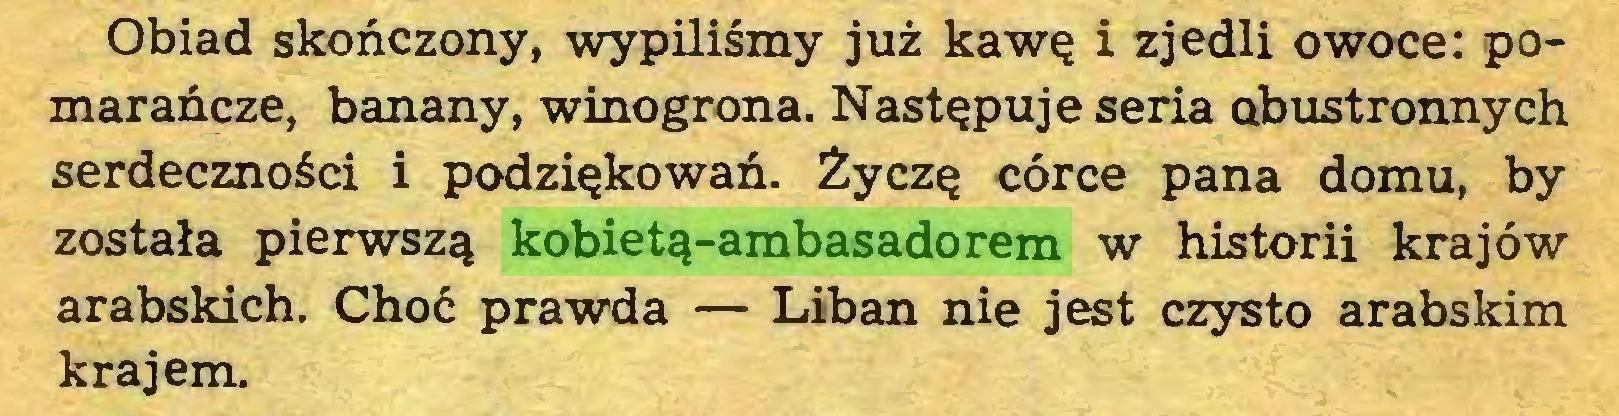 (...) Obiad skończony, wypiliśmy już kawę i zjedli owoce: pomarańcze, banany, winogrona. Następuje seria obustronnych serdeczności i podziękowań. Życzę córce pana domu, by została pierwszą kobietą-ambasadorem w historii krajów arabskich. Choć prawda — Liban nie jest czysto arabskim krajem...